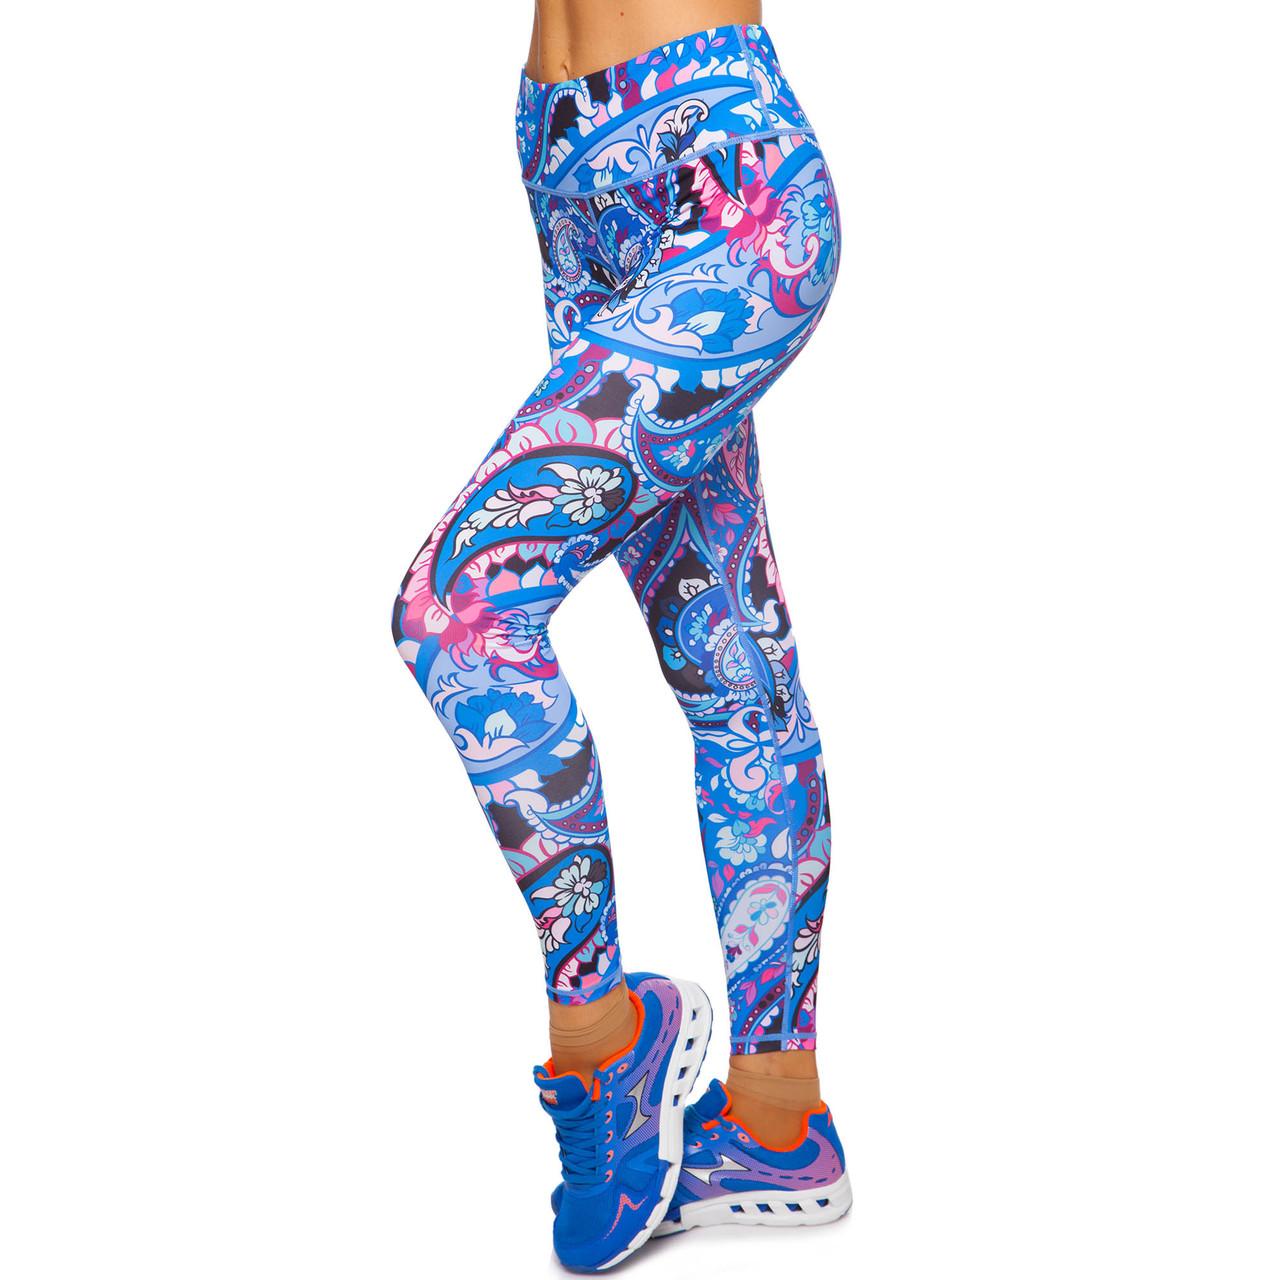 Жіночі для фітнесу і йоги з принтом Domino YH81 розмір S-L зростання 150-180, вага 40-60кг синій рожевий